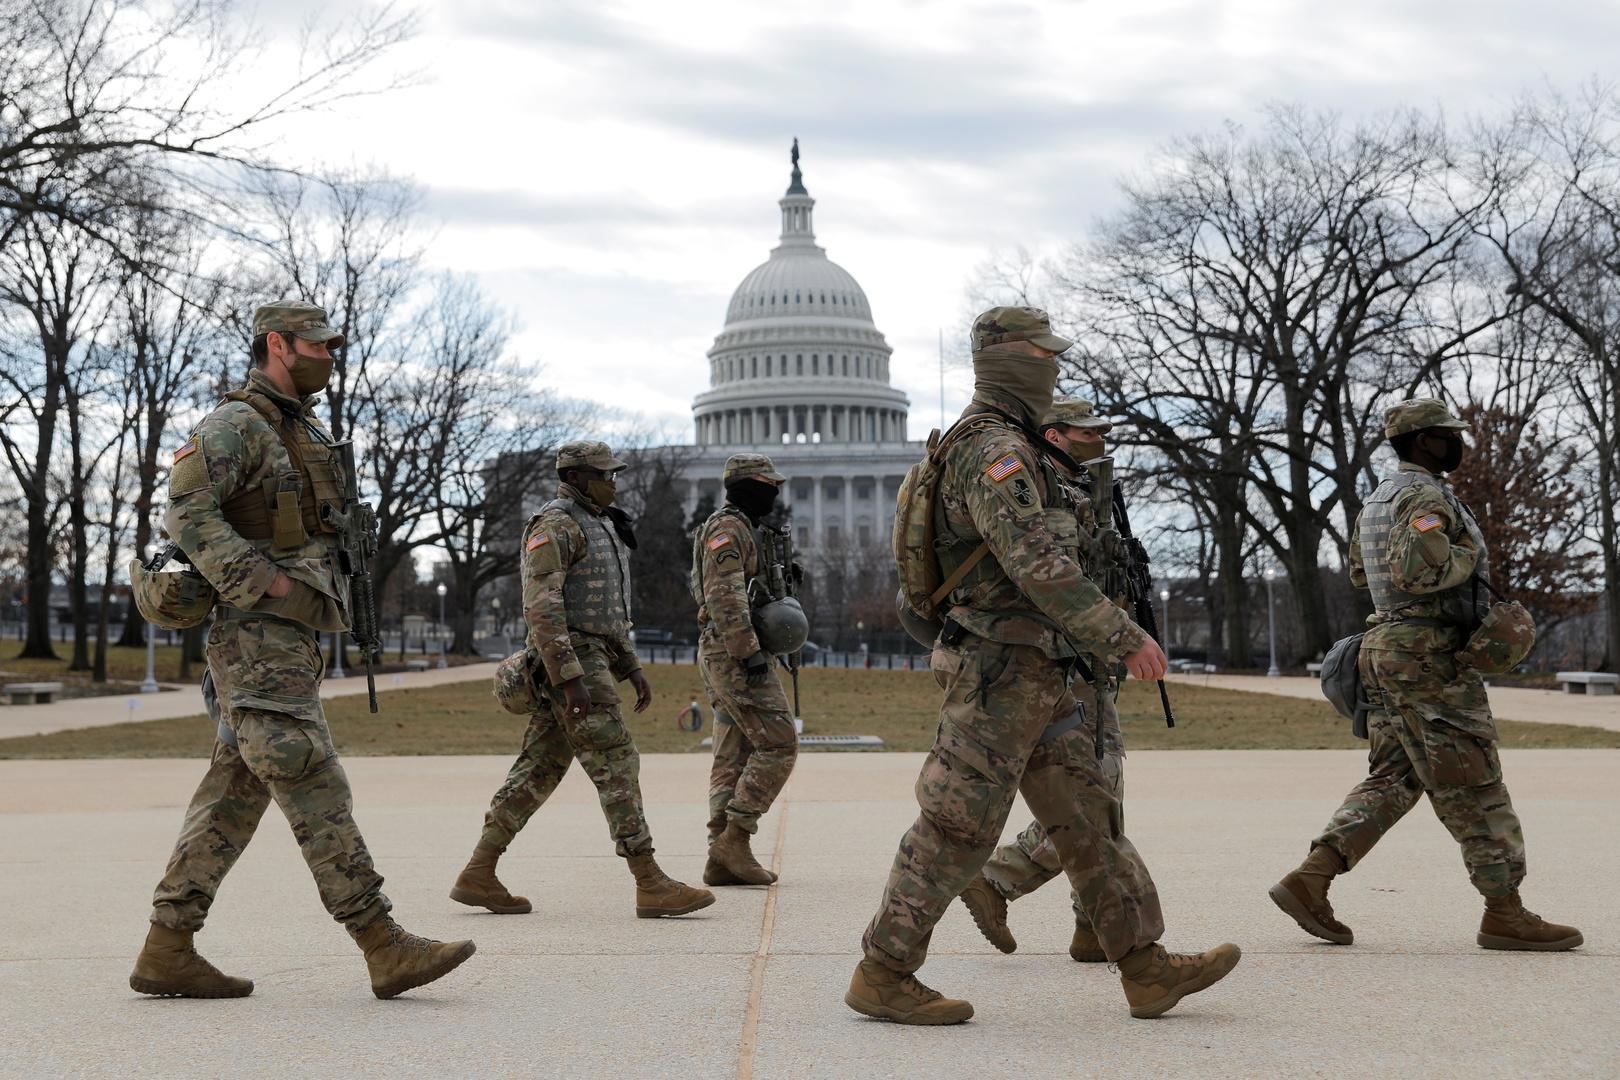 اعتقال جندي أمريكي بتهمة التخطيط لتفجير النصب التذكاري لضحايا هجمات 11 سبتمبر في نيويورك